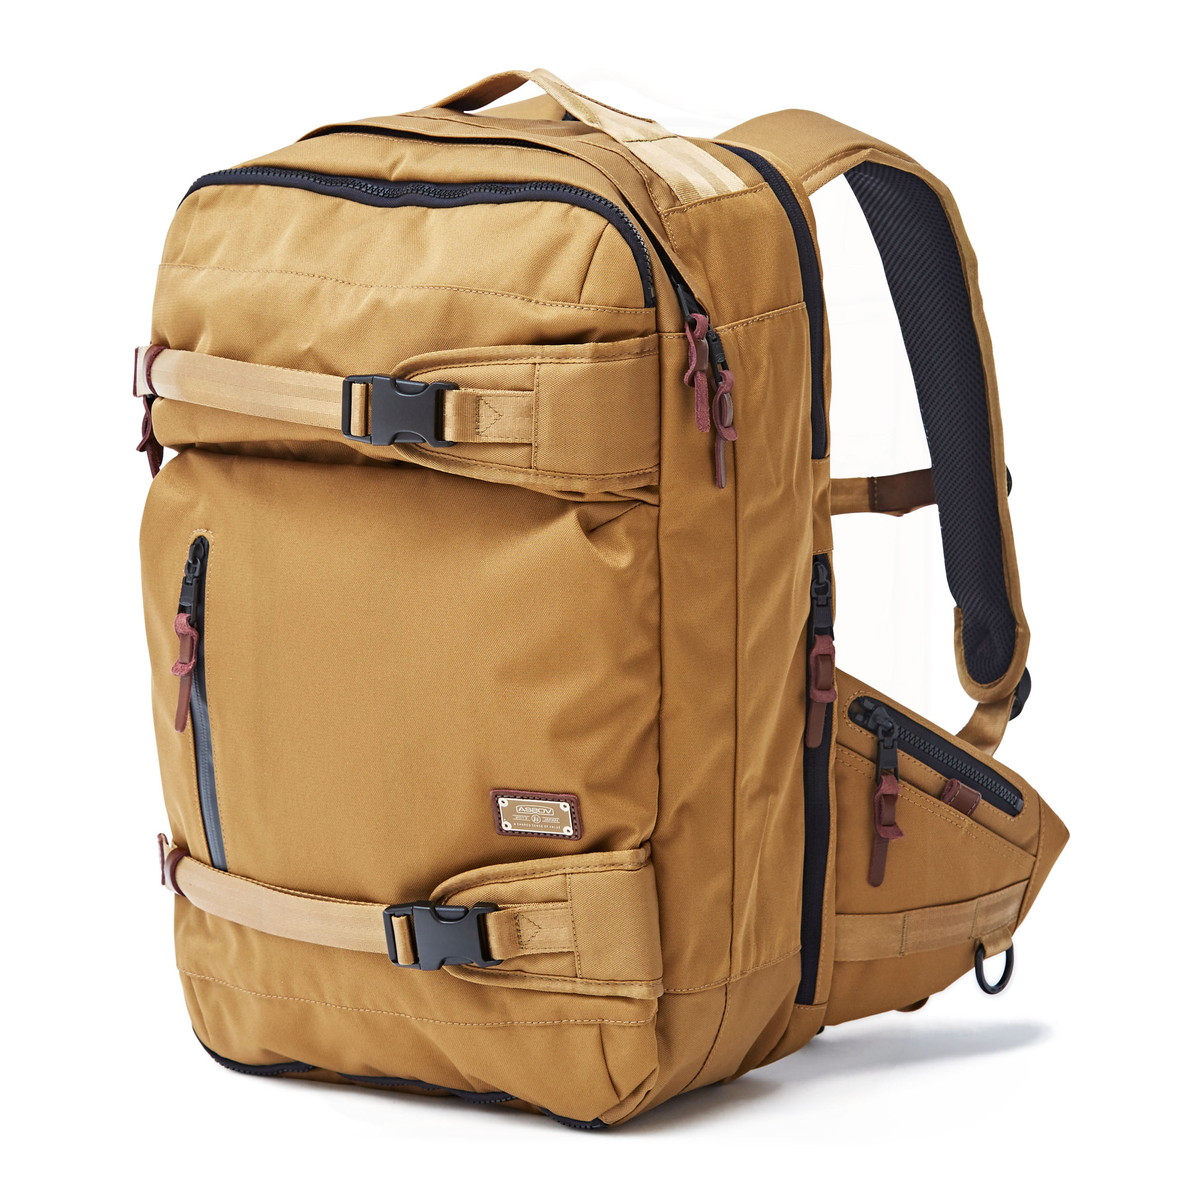 アッソブ公式通販 / AS2OV (アッソブ) バックパック リュックサック アウトドアバッグ 旅行バッグ CORDURA DOBBY 305D 3WAY BACK PACK M KHAKI 061408